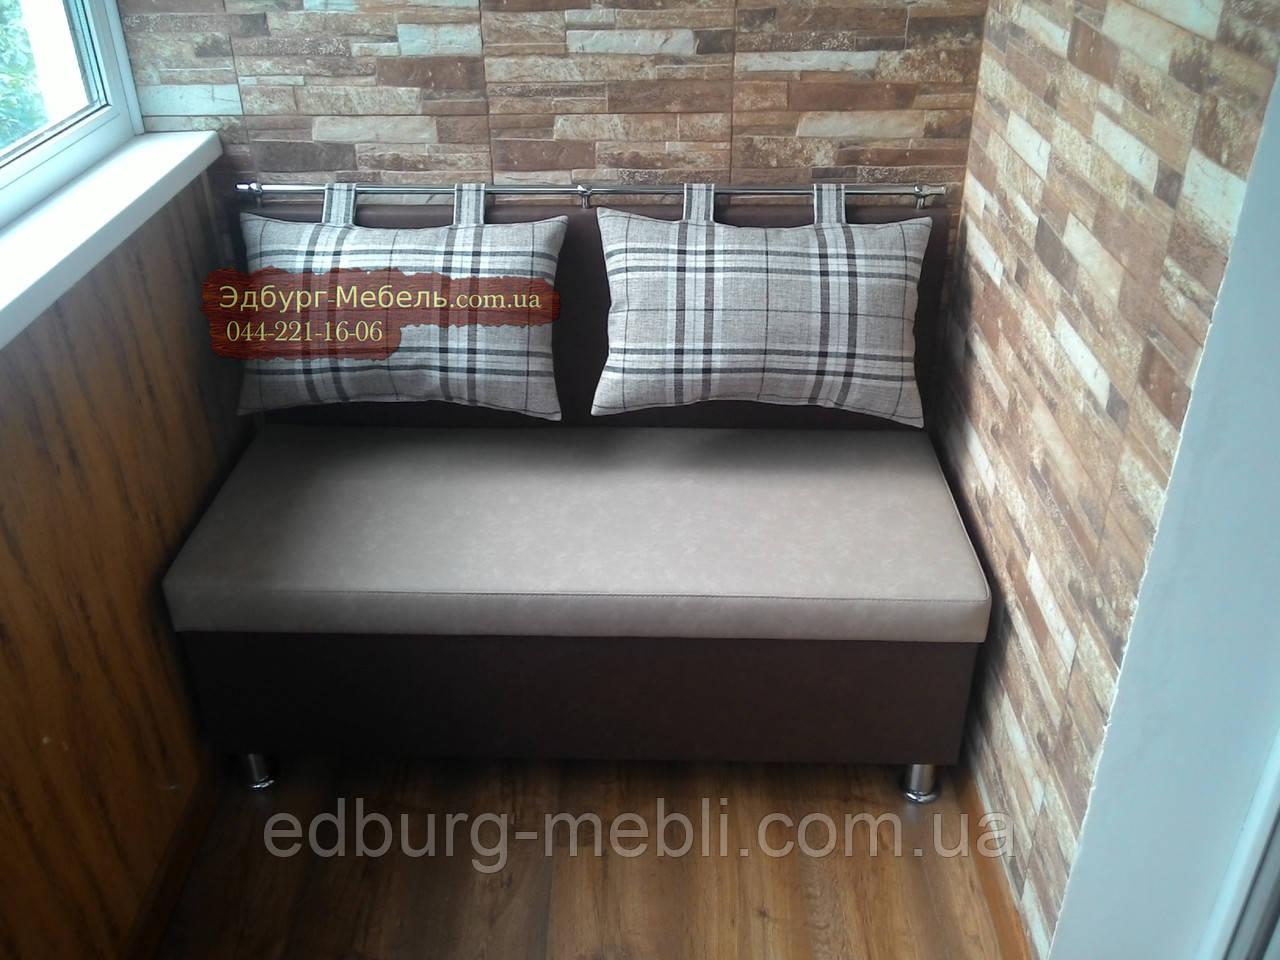 """Диван для кухни, лоджии, балкона """"Комфорт"""" экокожа + ткань 1100х500мм - фото 1"""